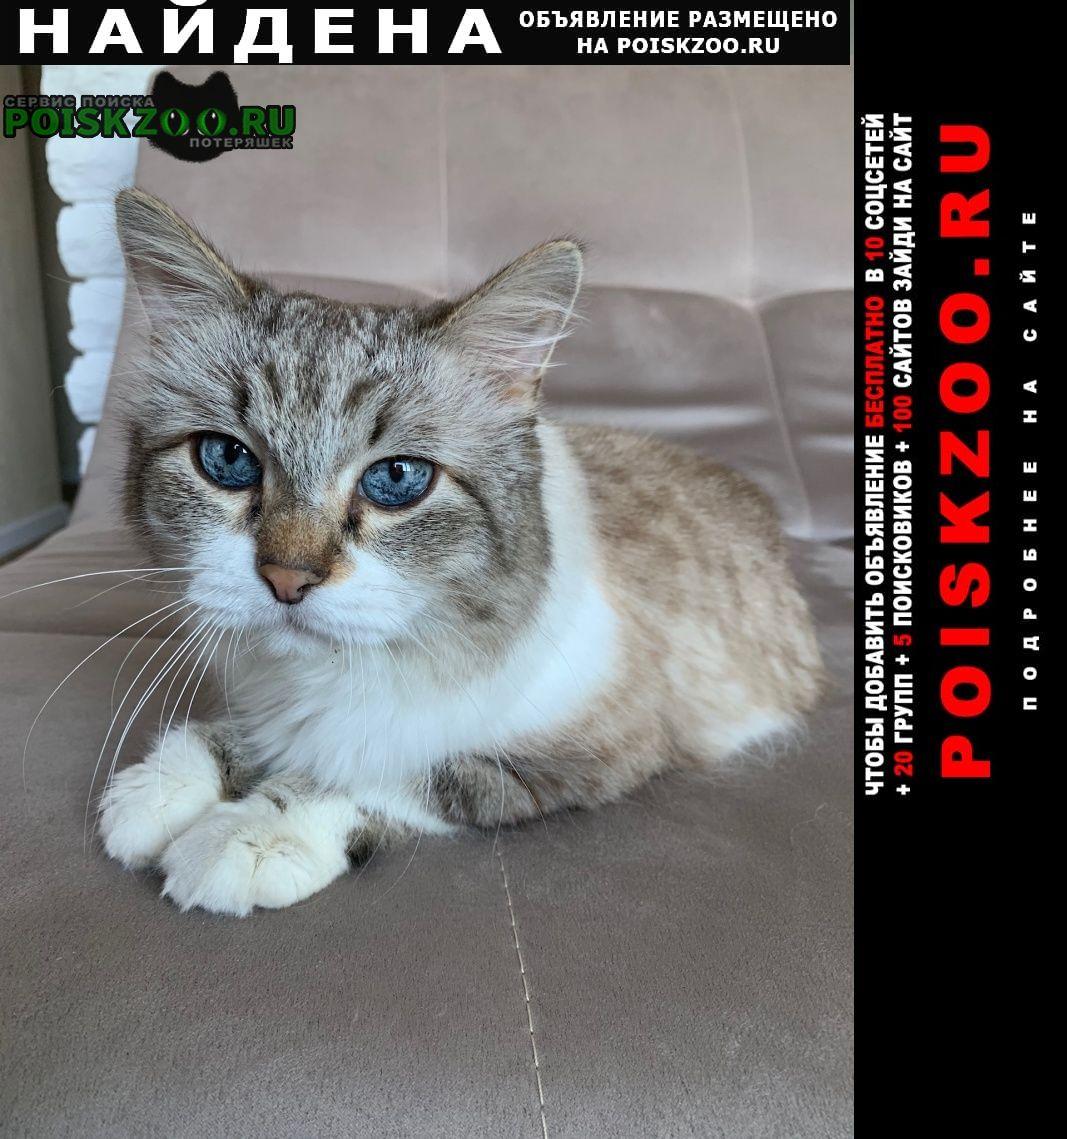 Найден кот Нижний Новгород